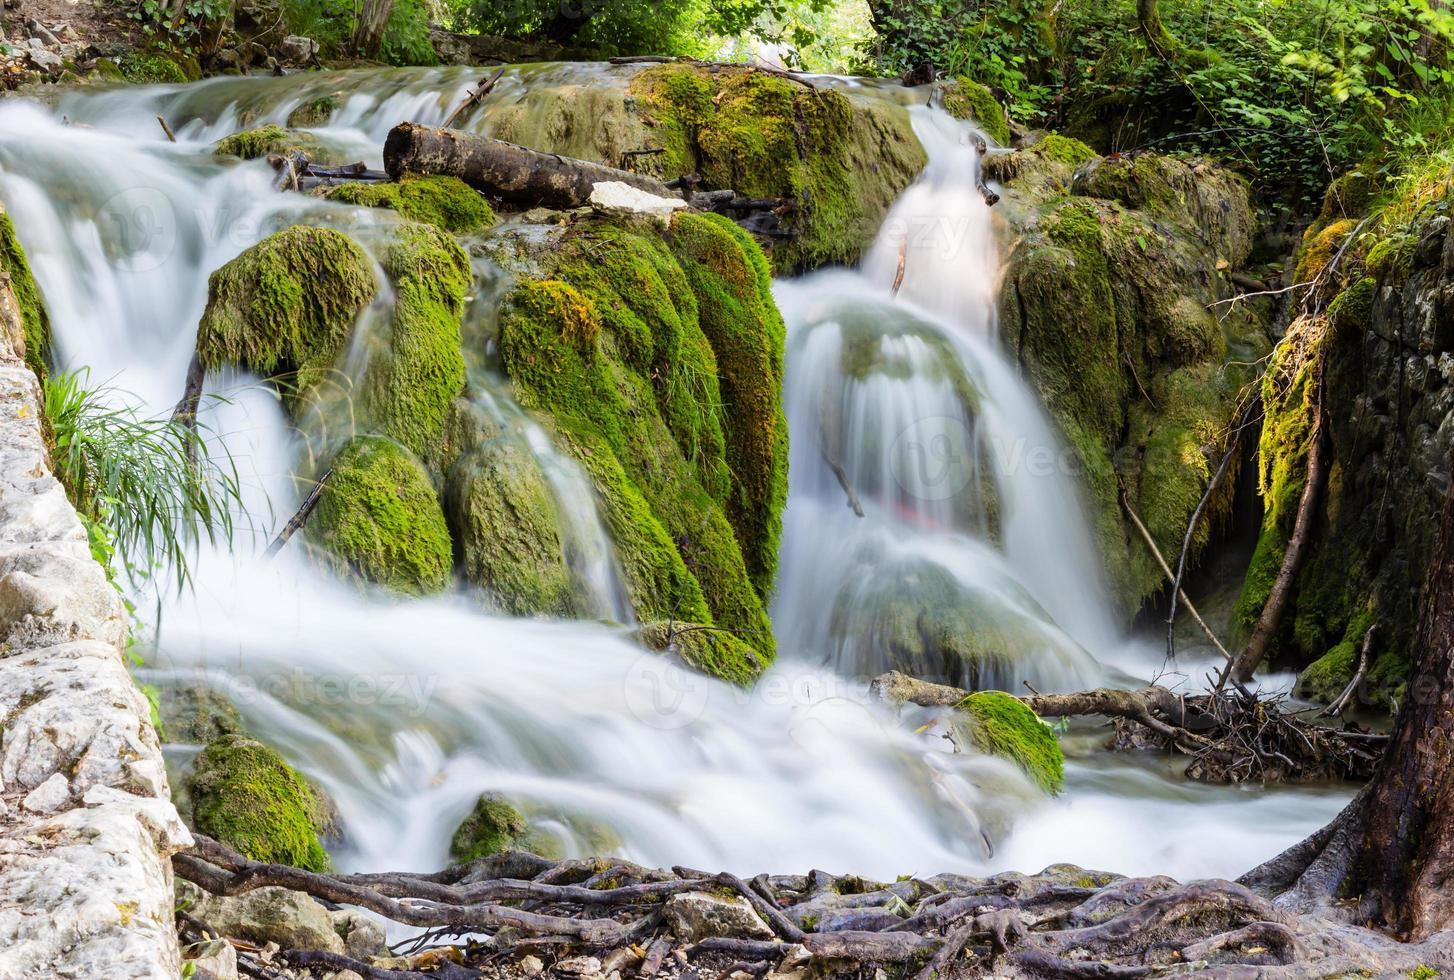 Cascades dans le parc national de Plitvice, Croatie photo